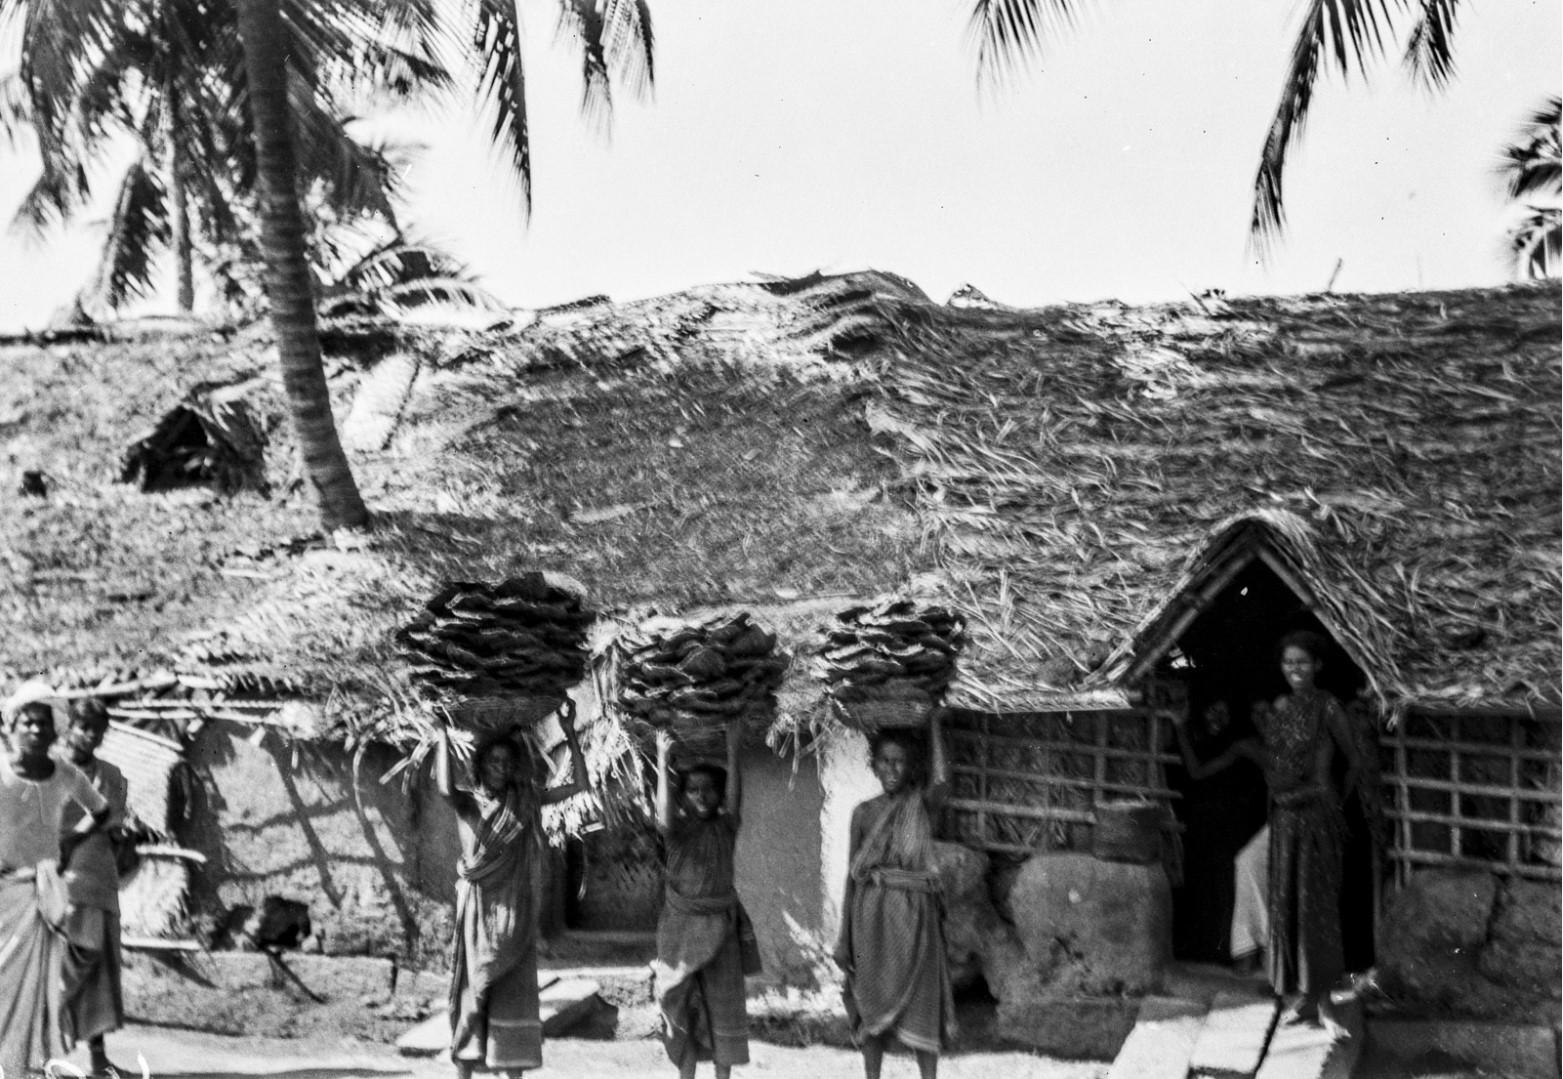 443. Мадурай. Женщины несут на головах в корзинах высушенный коровий навоз